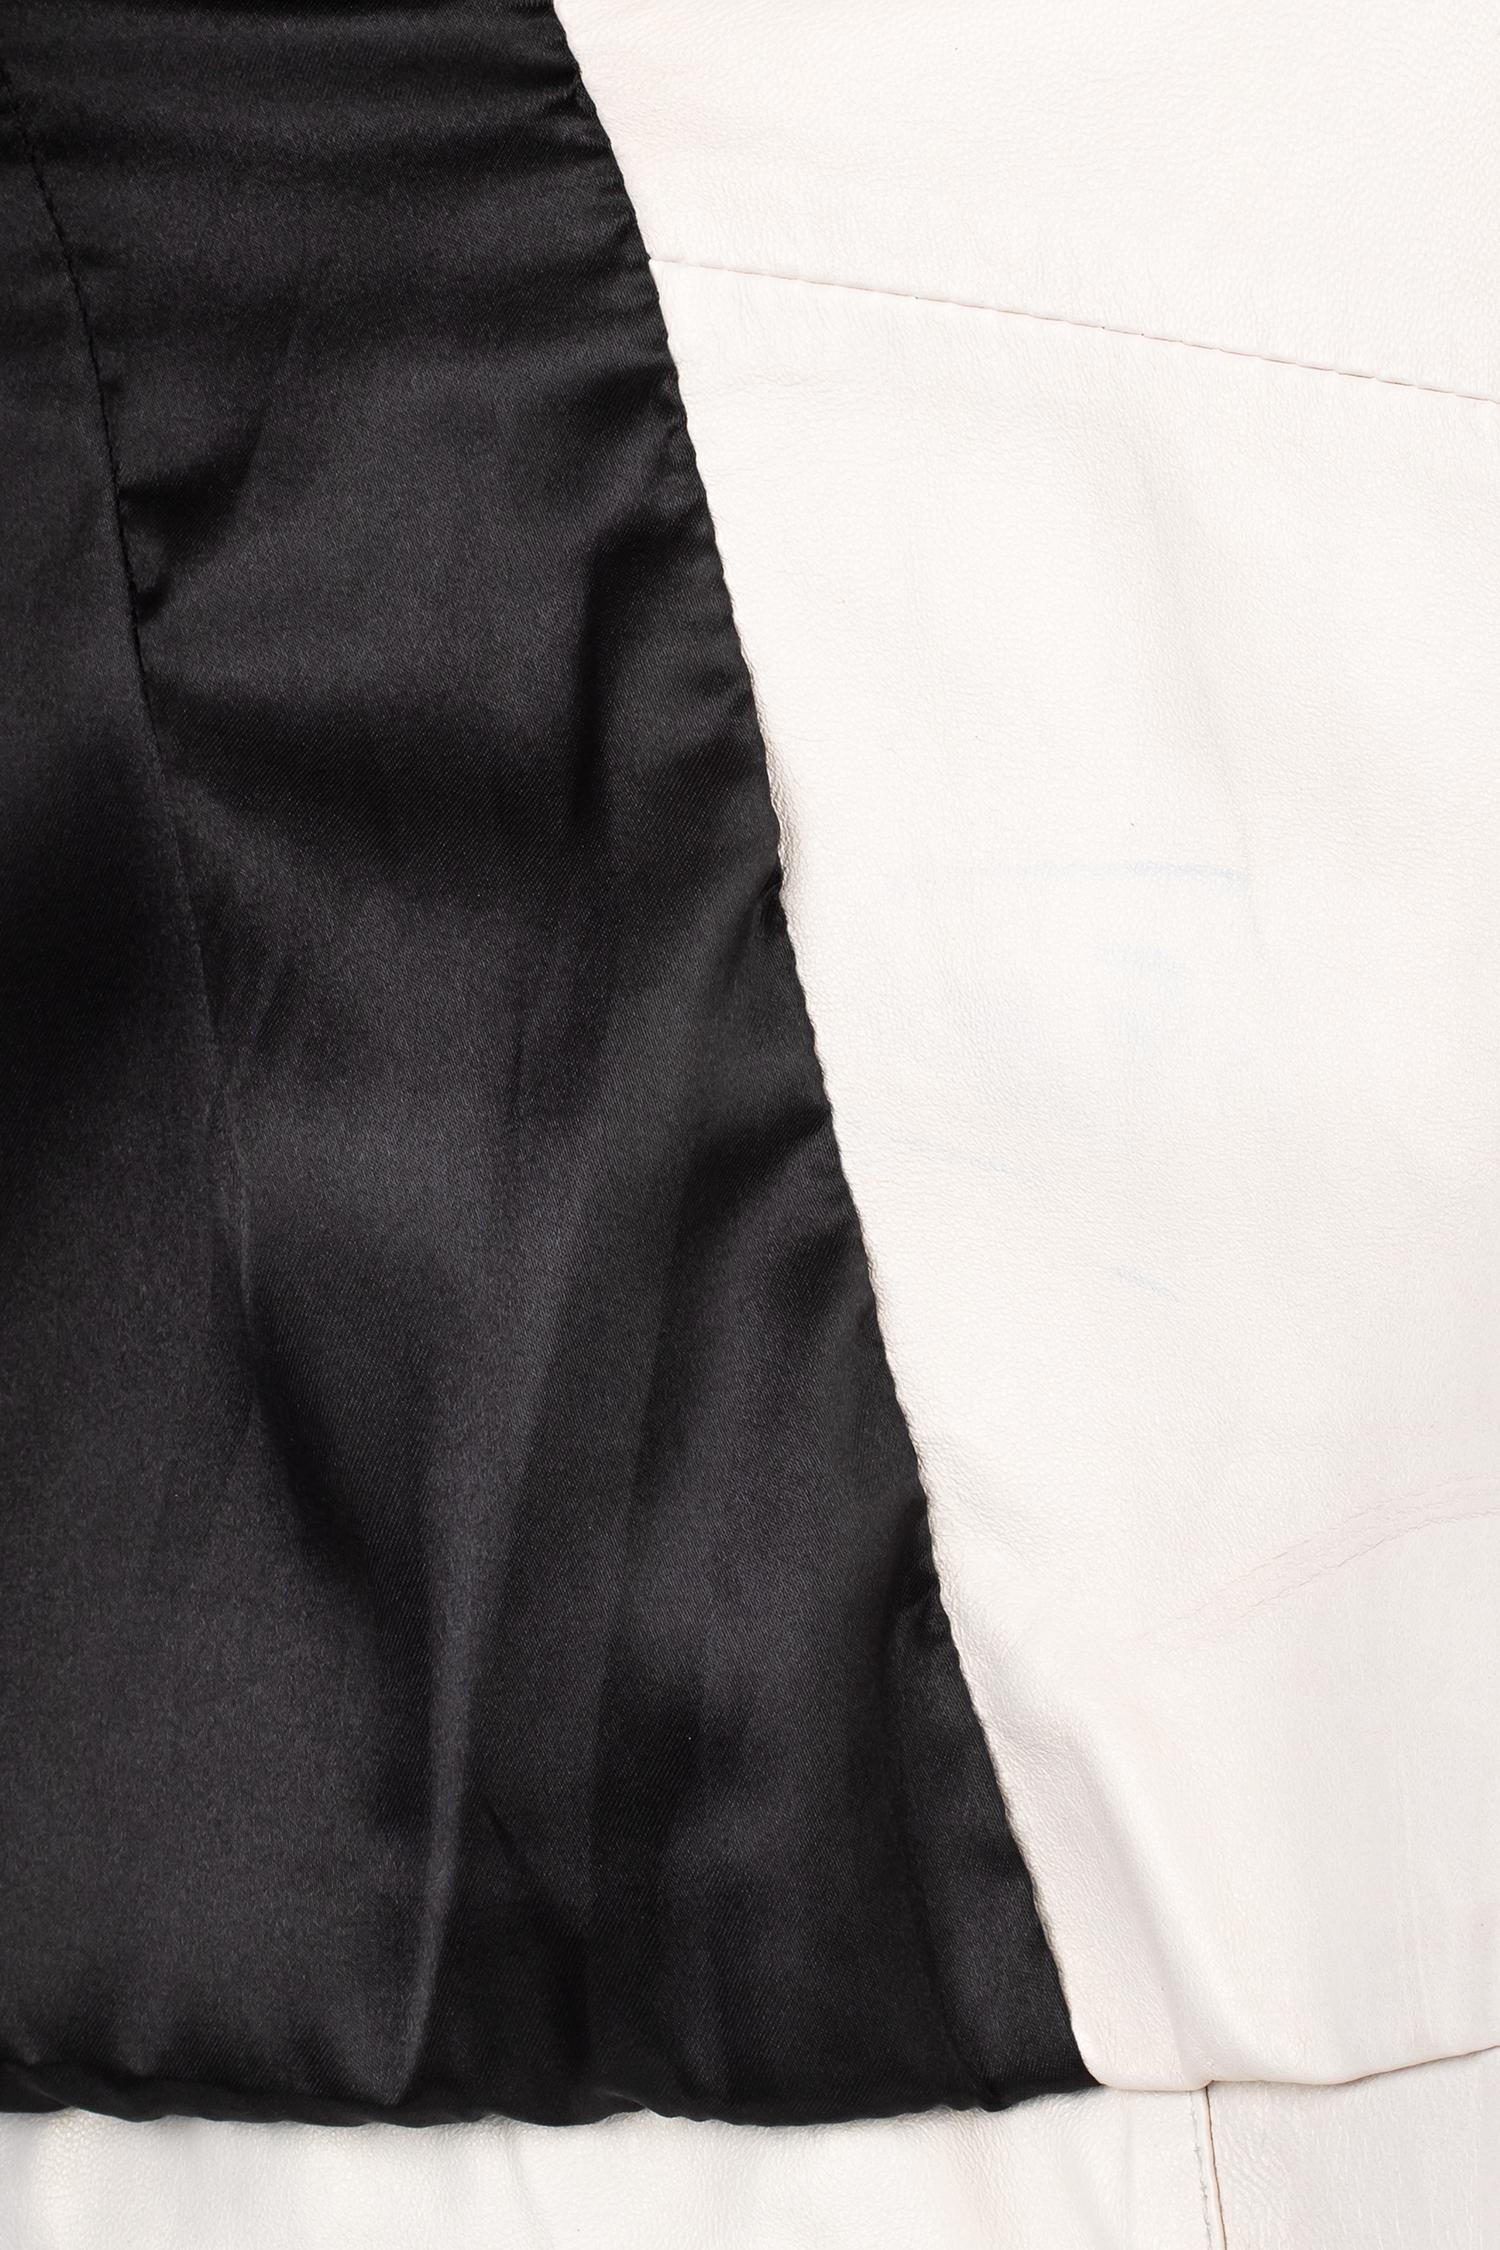 Фото 4 - Женская кожаная куртка из натуральной кожи с капюшоном от МОСМЕХА белого цвета